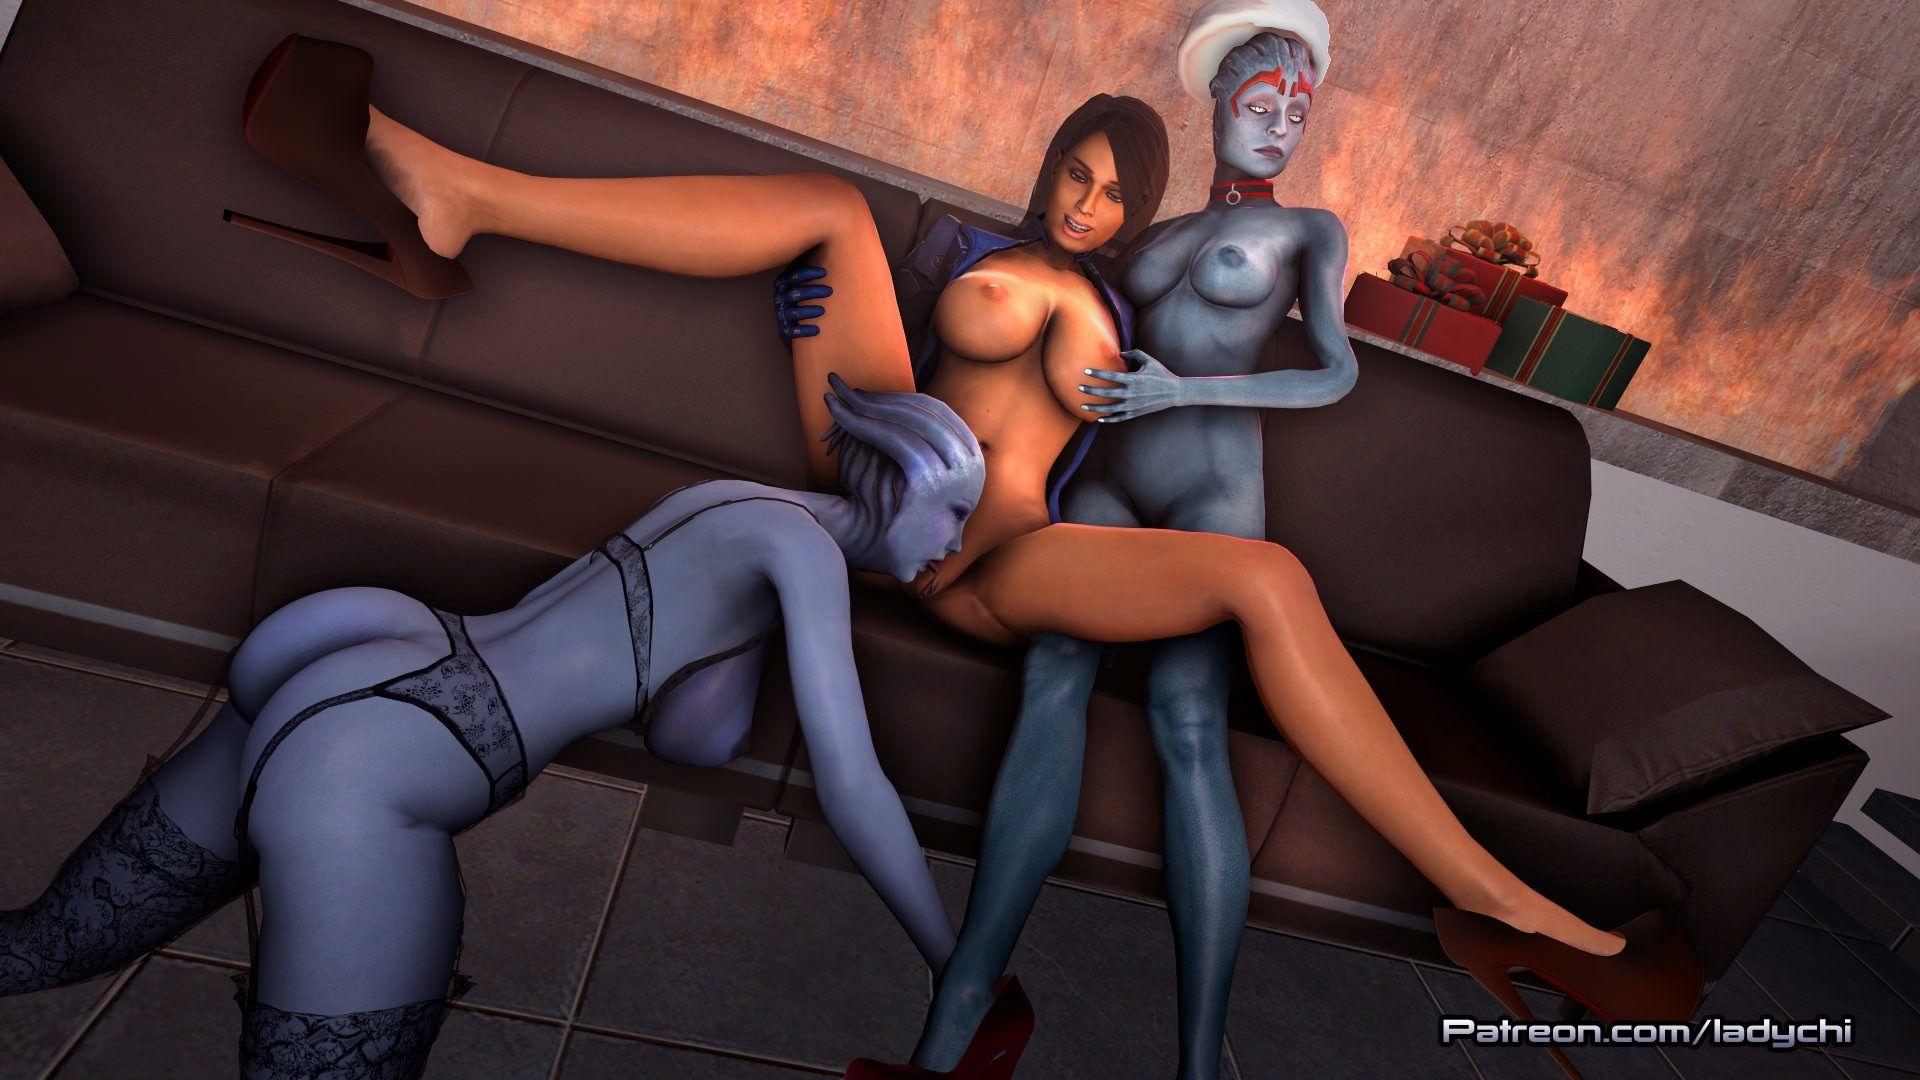 Liara_X-Mass_Gifts!_Ladychi_(Mass_Effect) comix_57973.jpg